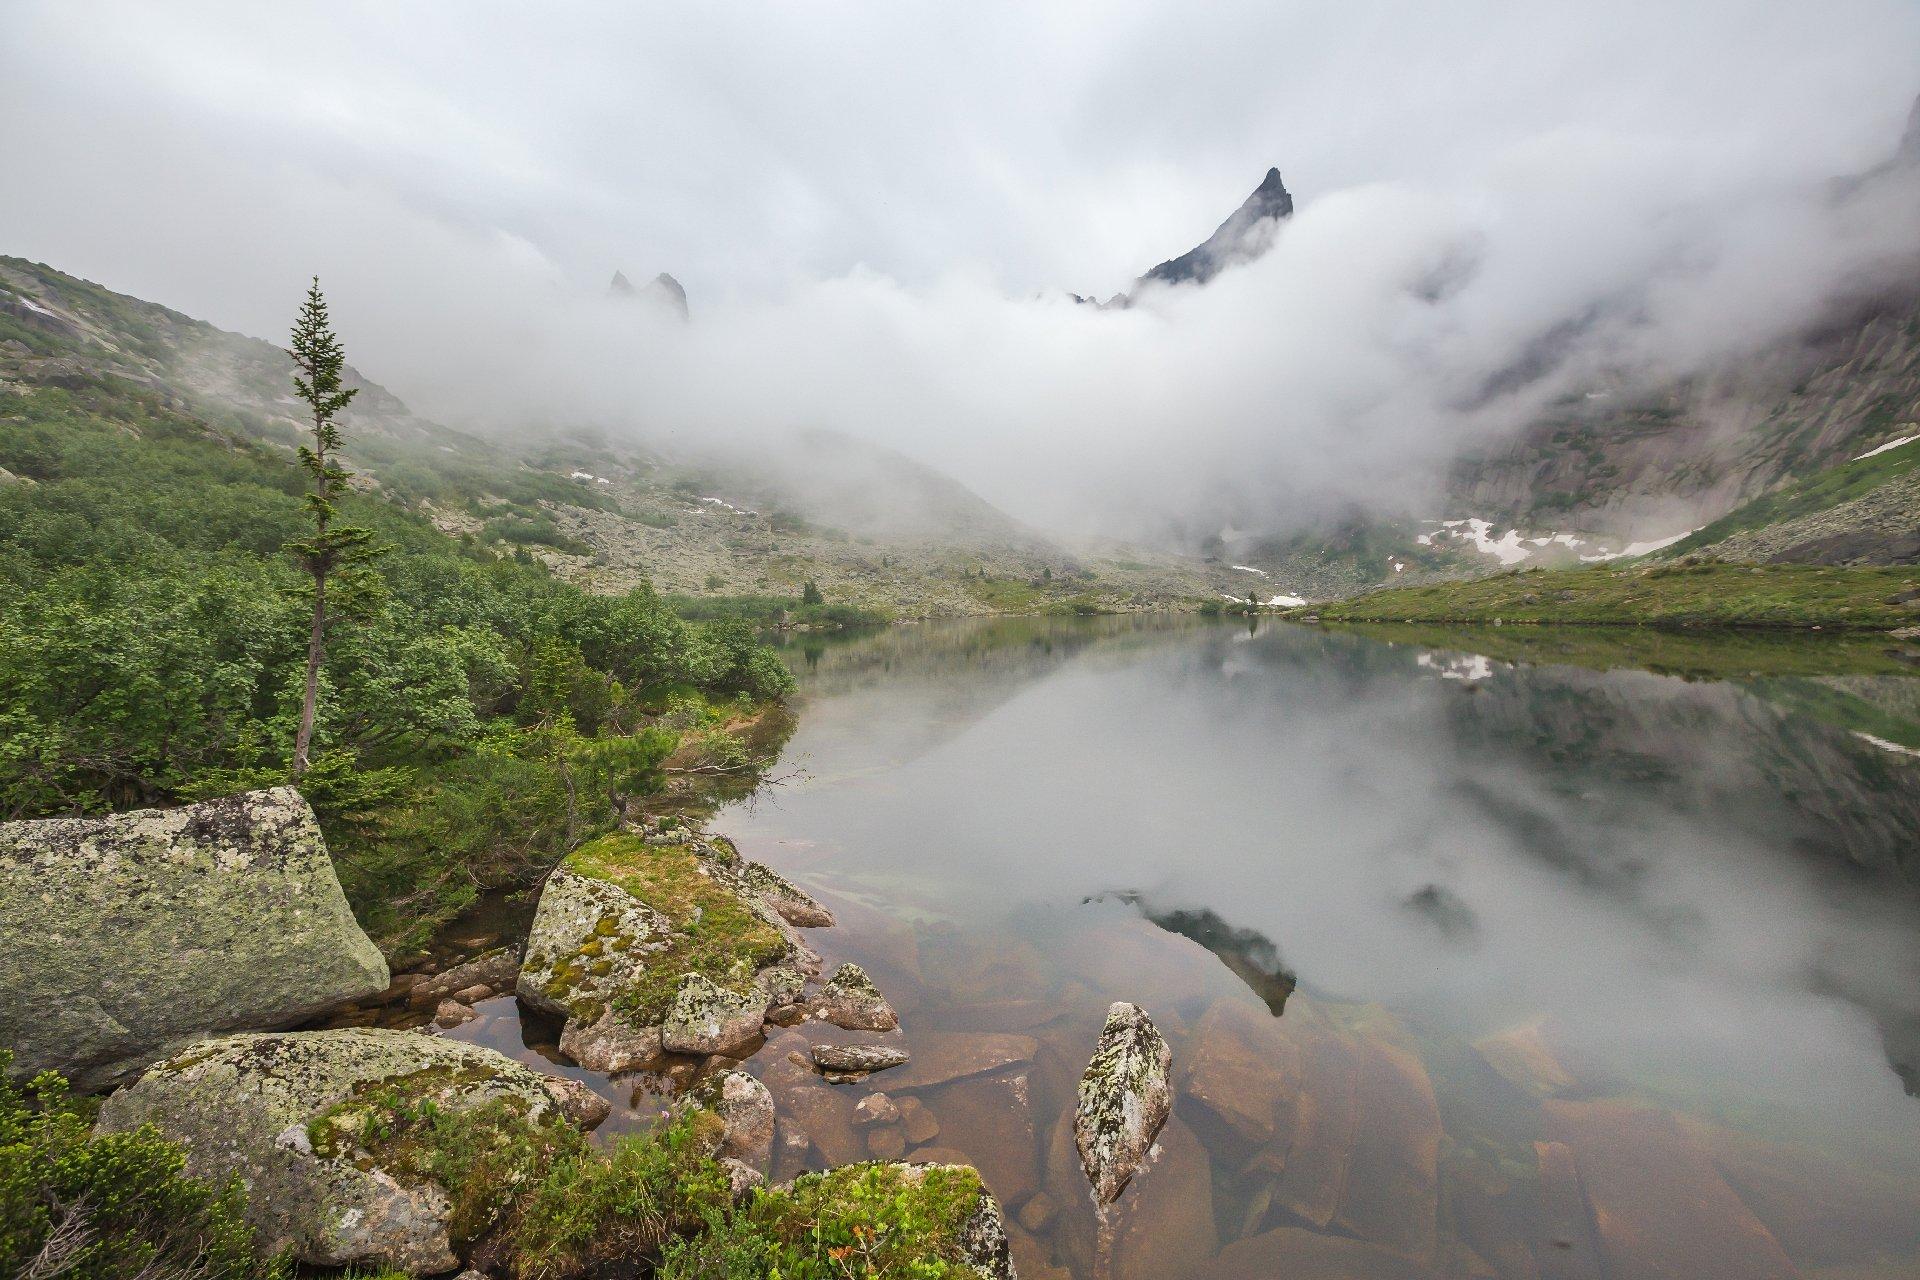 звездный, ергаки, скала, туча, туман, утро, озеро мальчиков, цветные озера, Виктор Зайцев